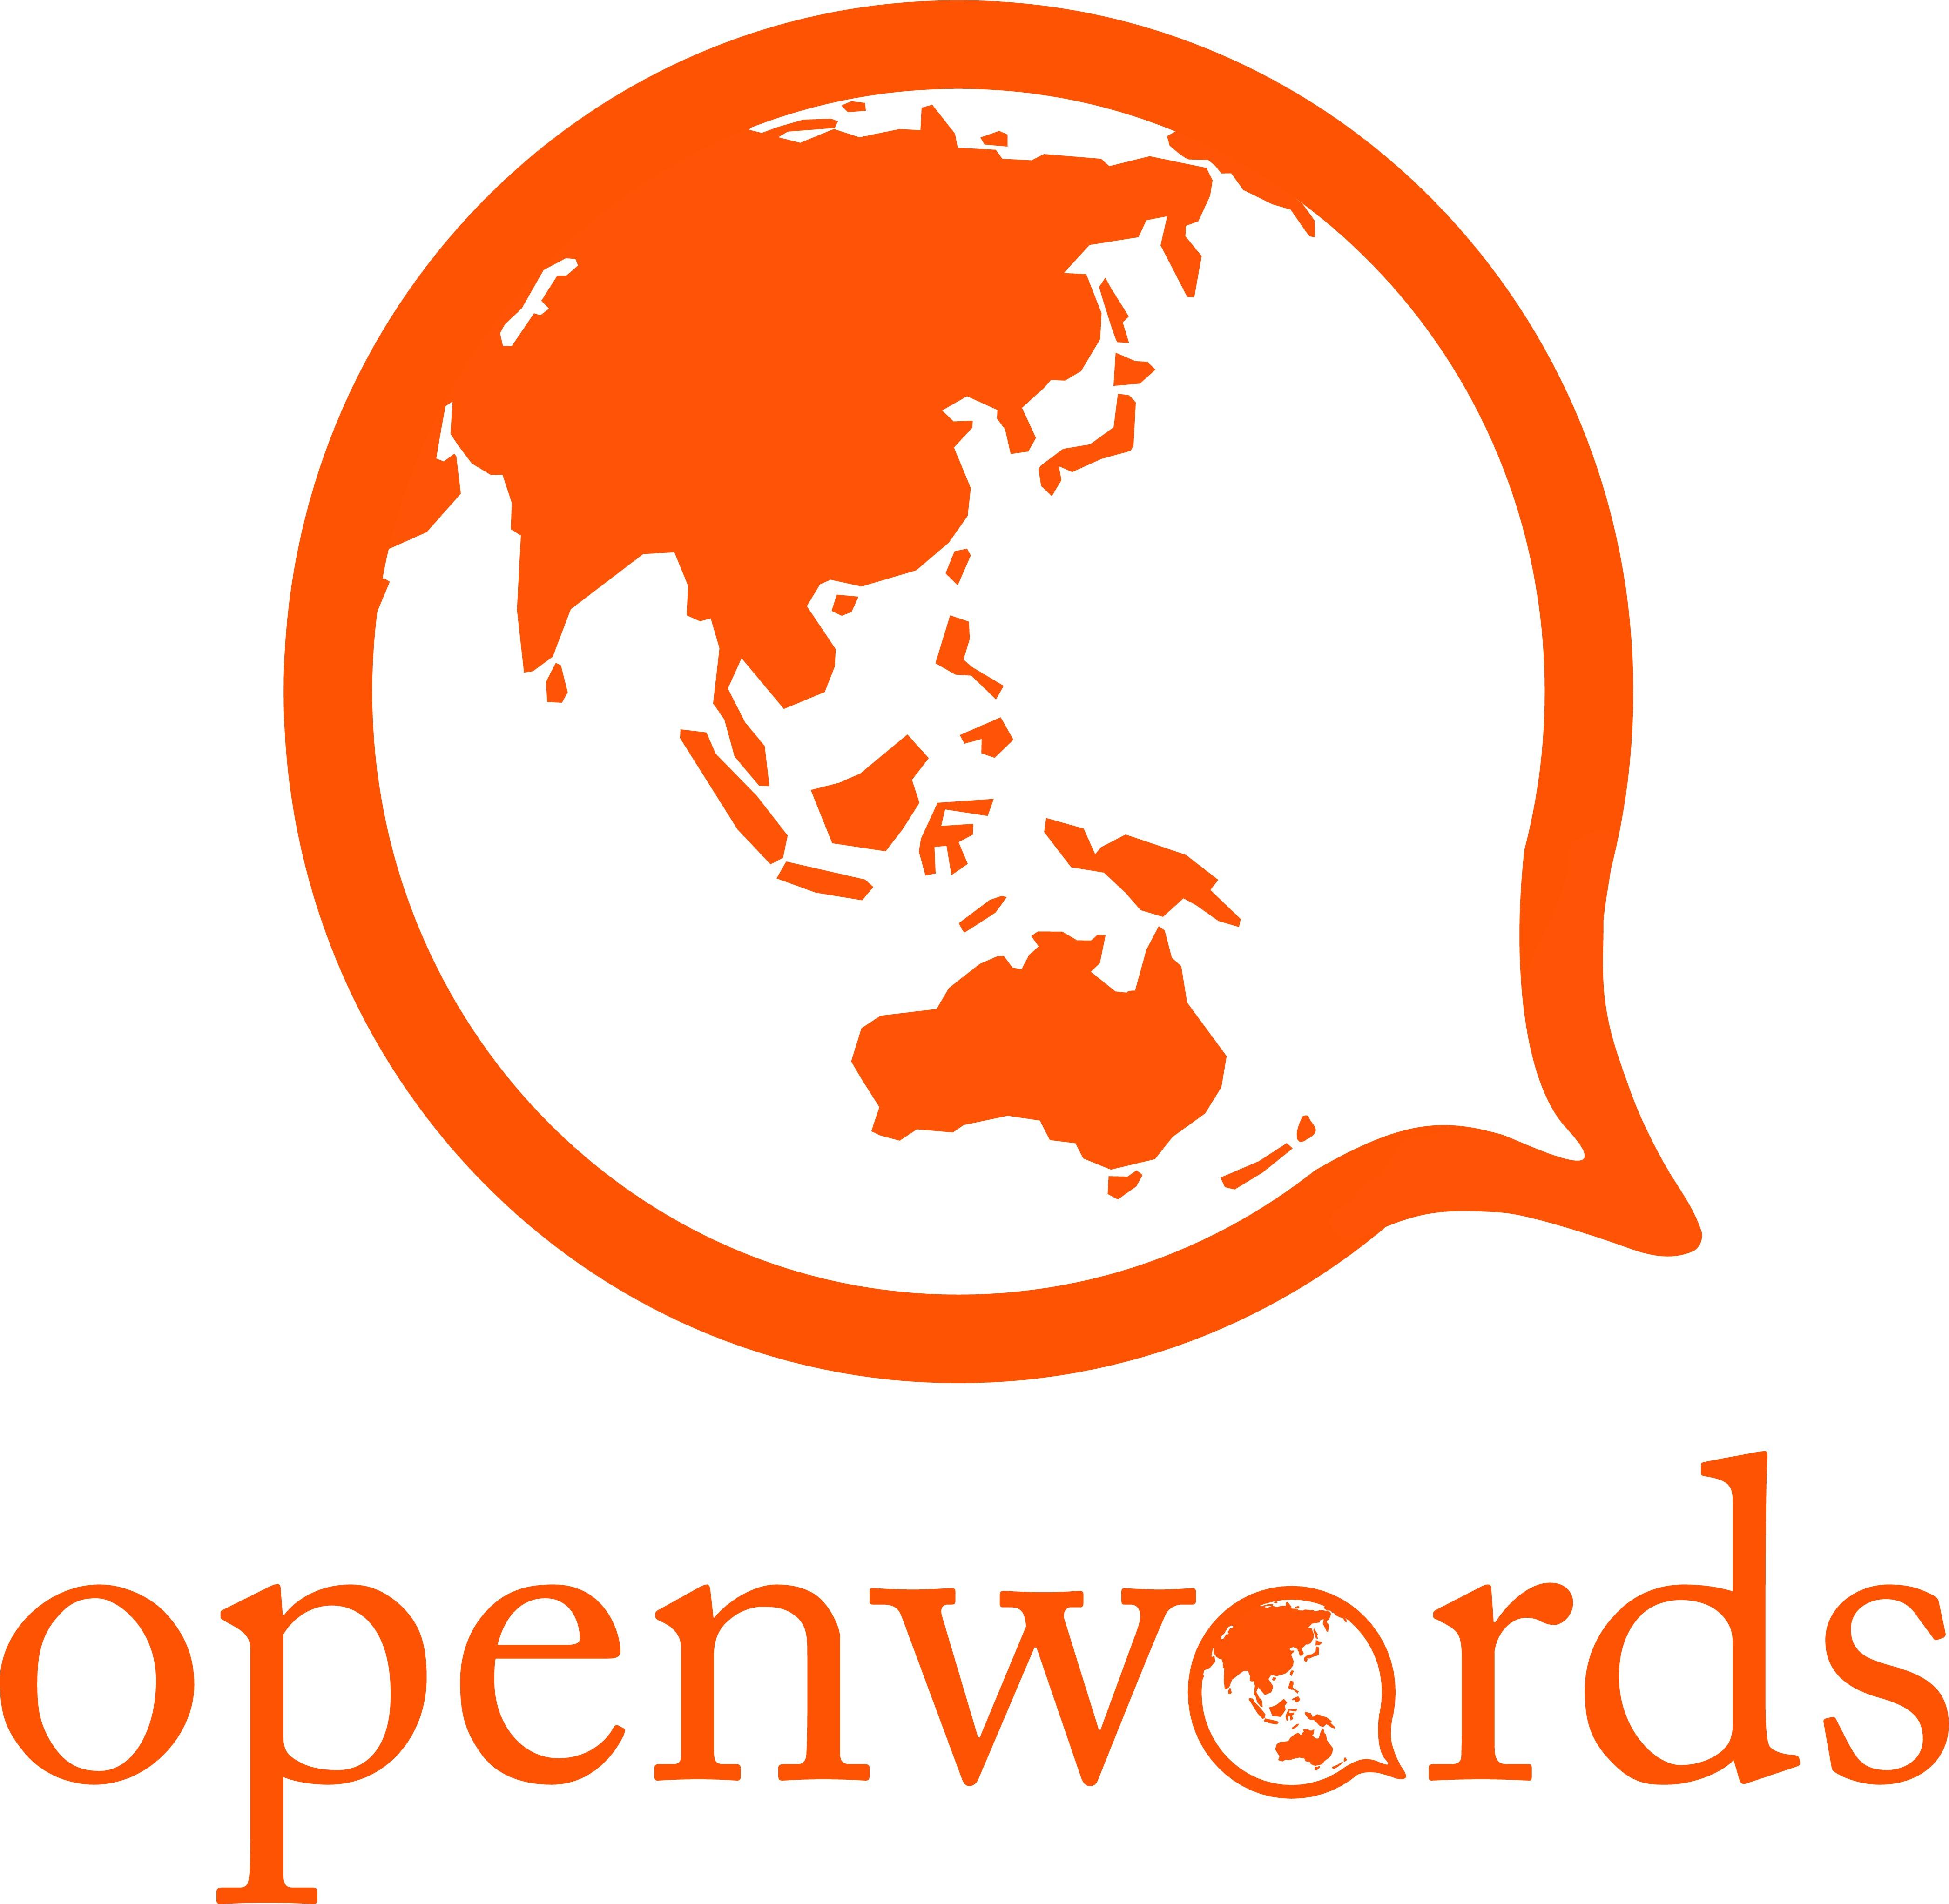 App called Openwords